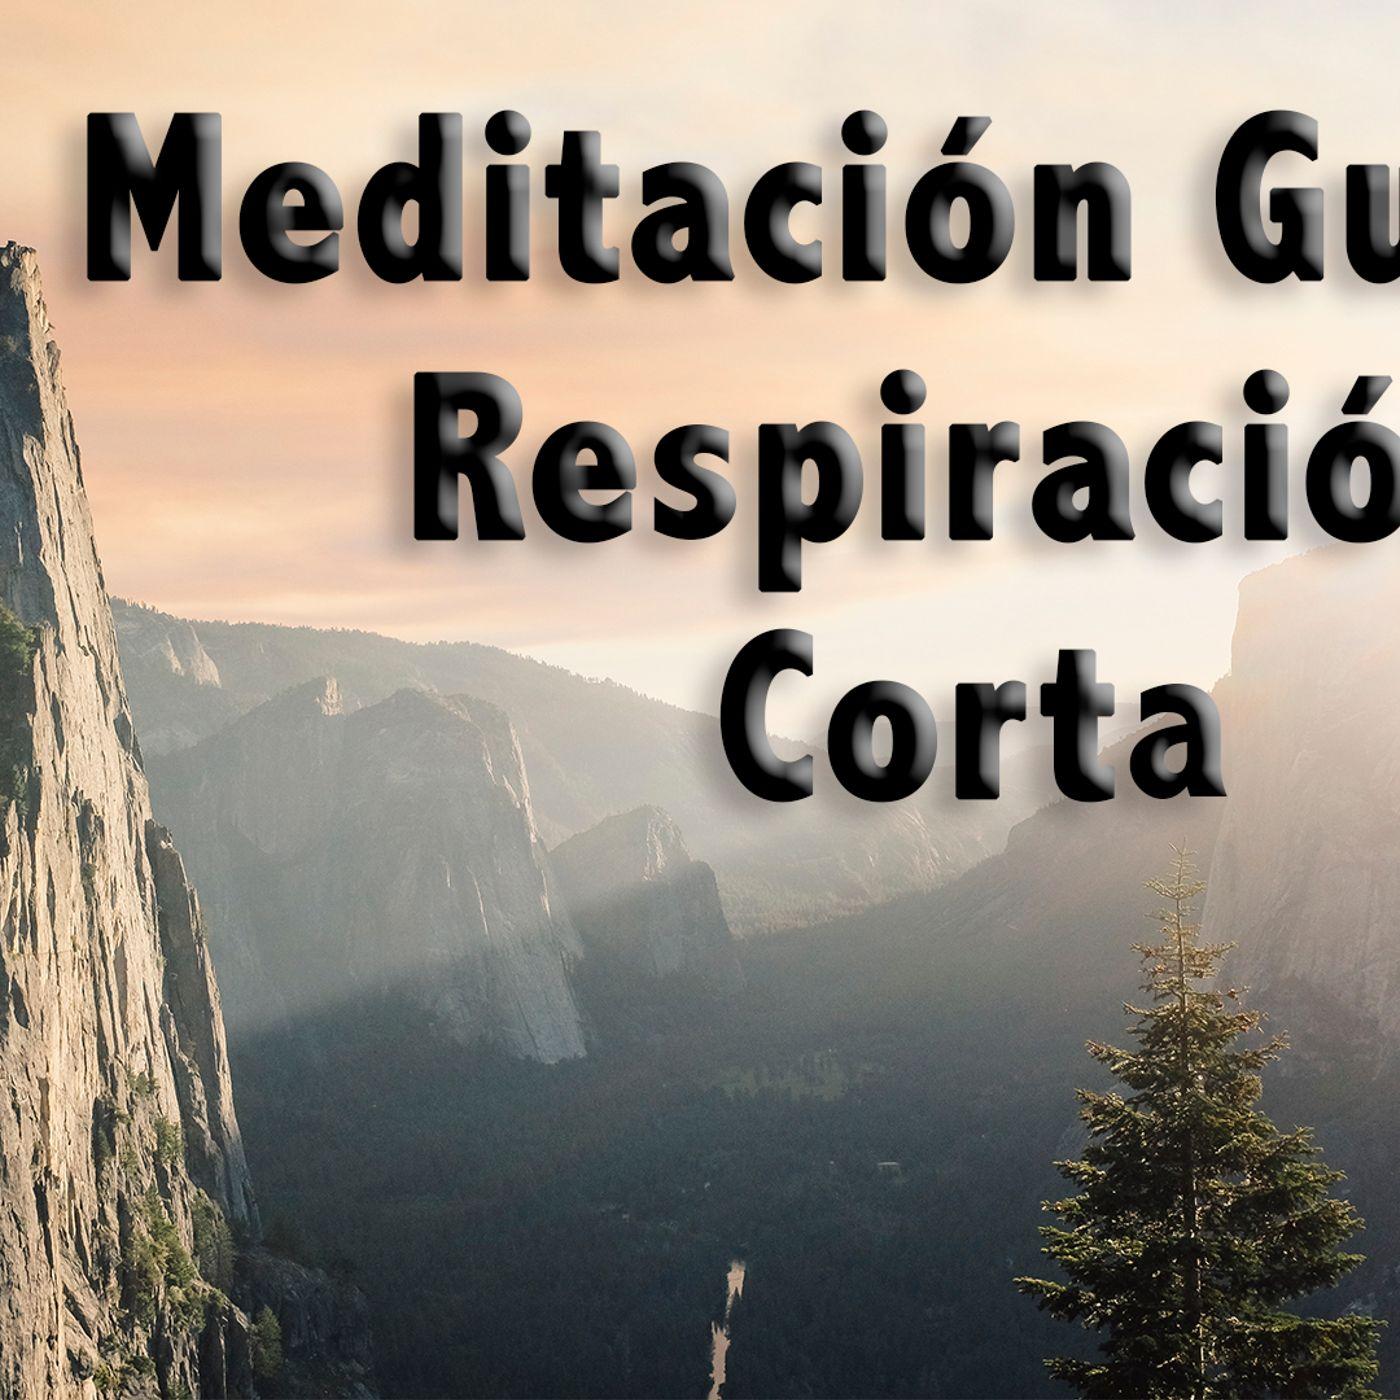 Meditación Guiada Corta